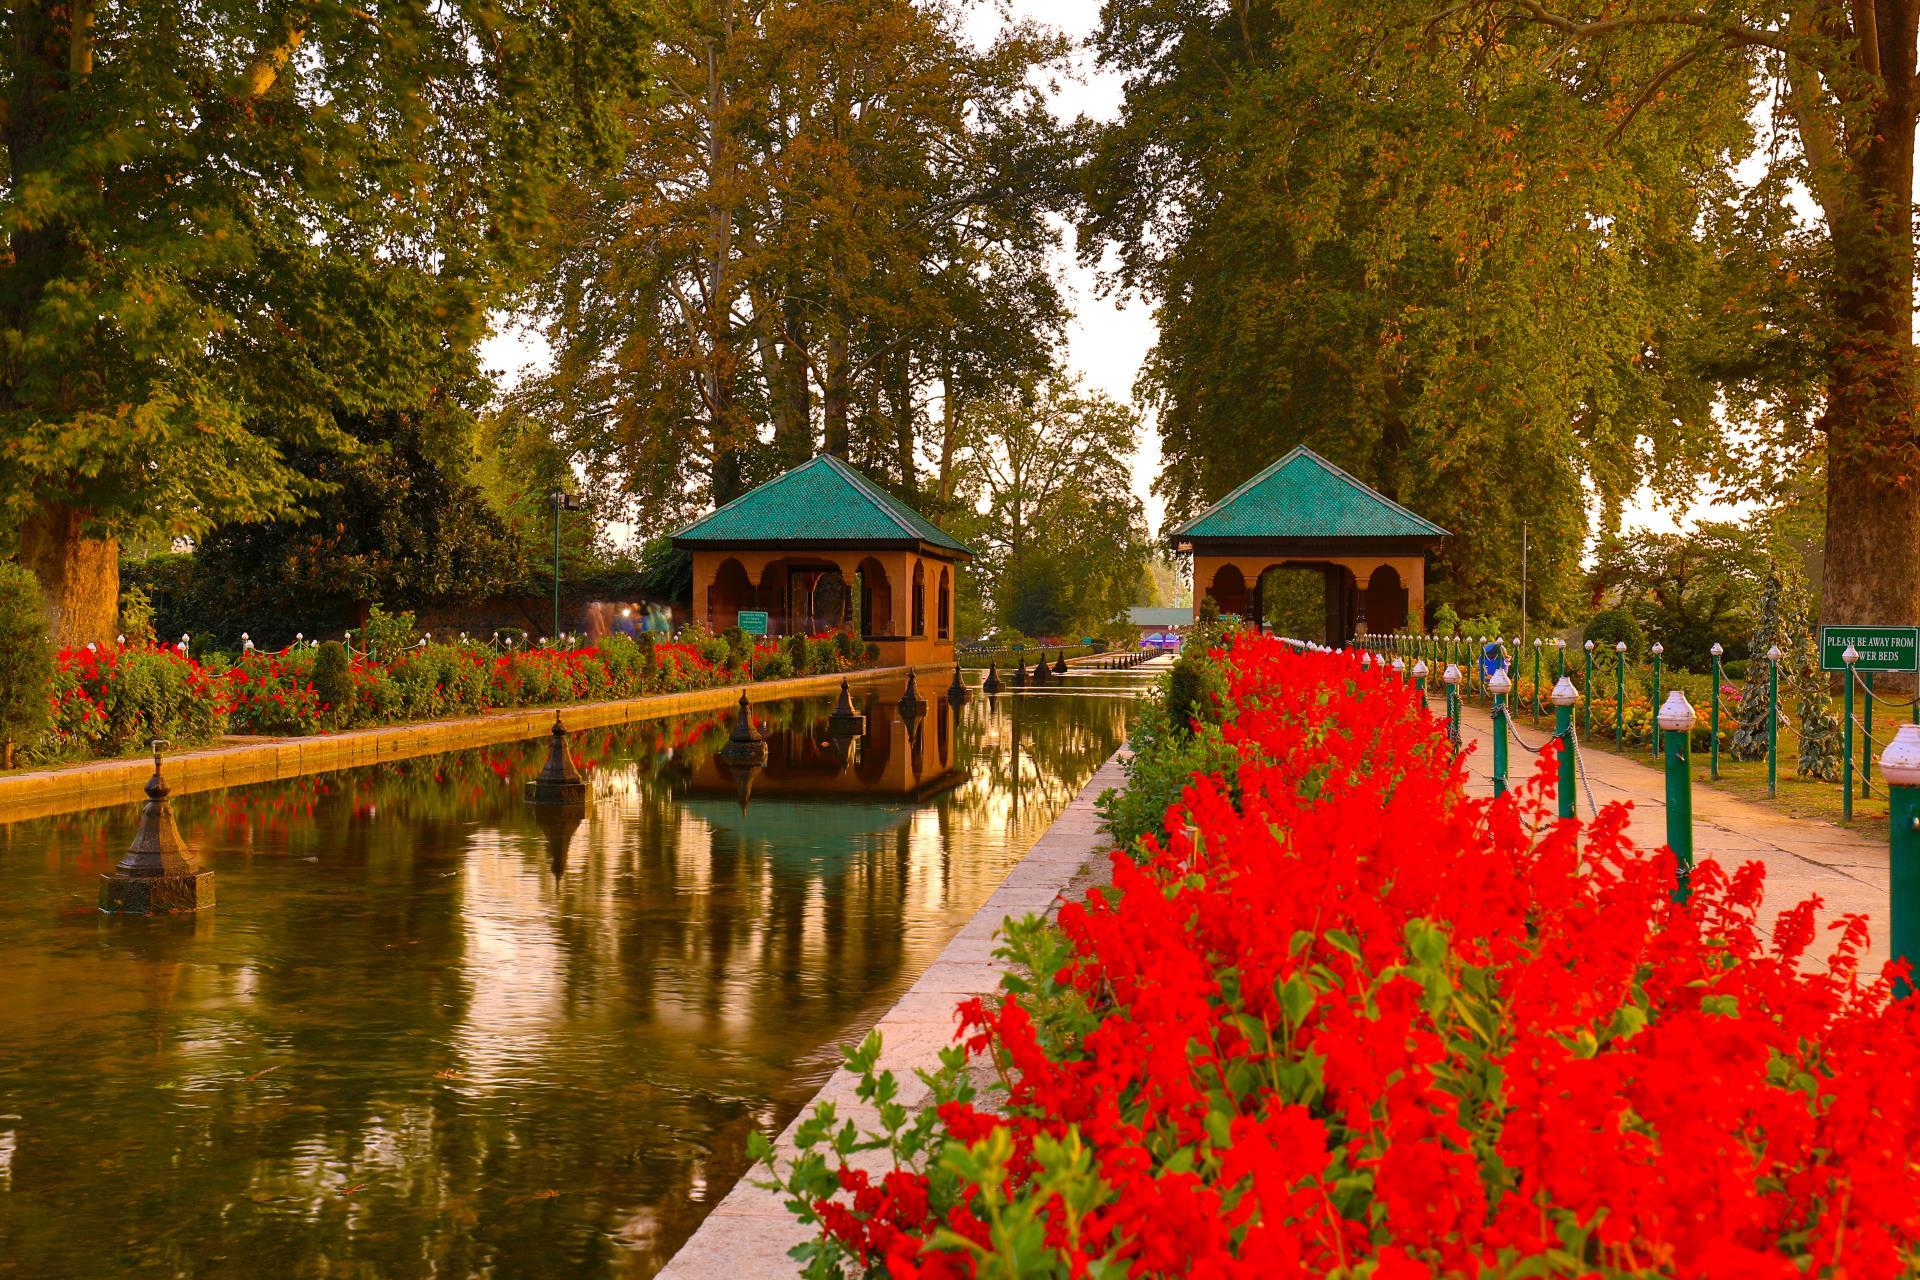 Kashmir and Taj Mahal 2